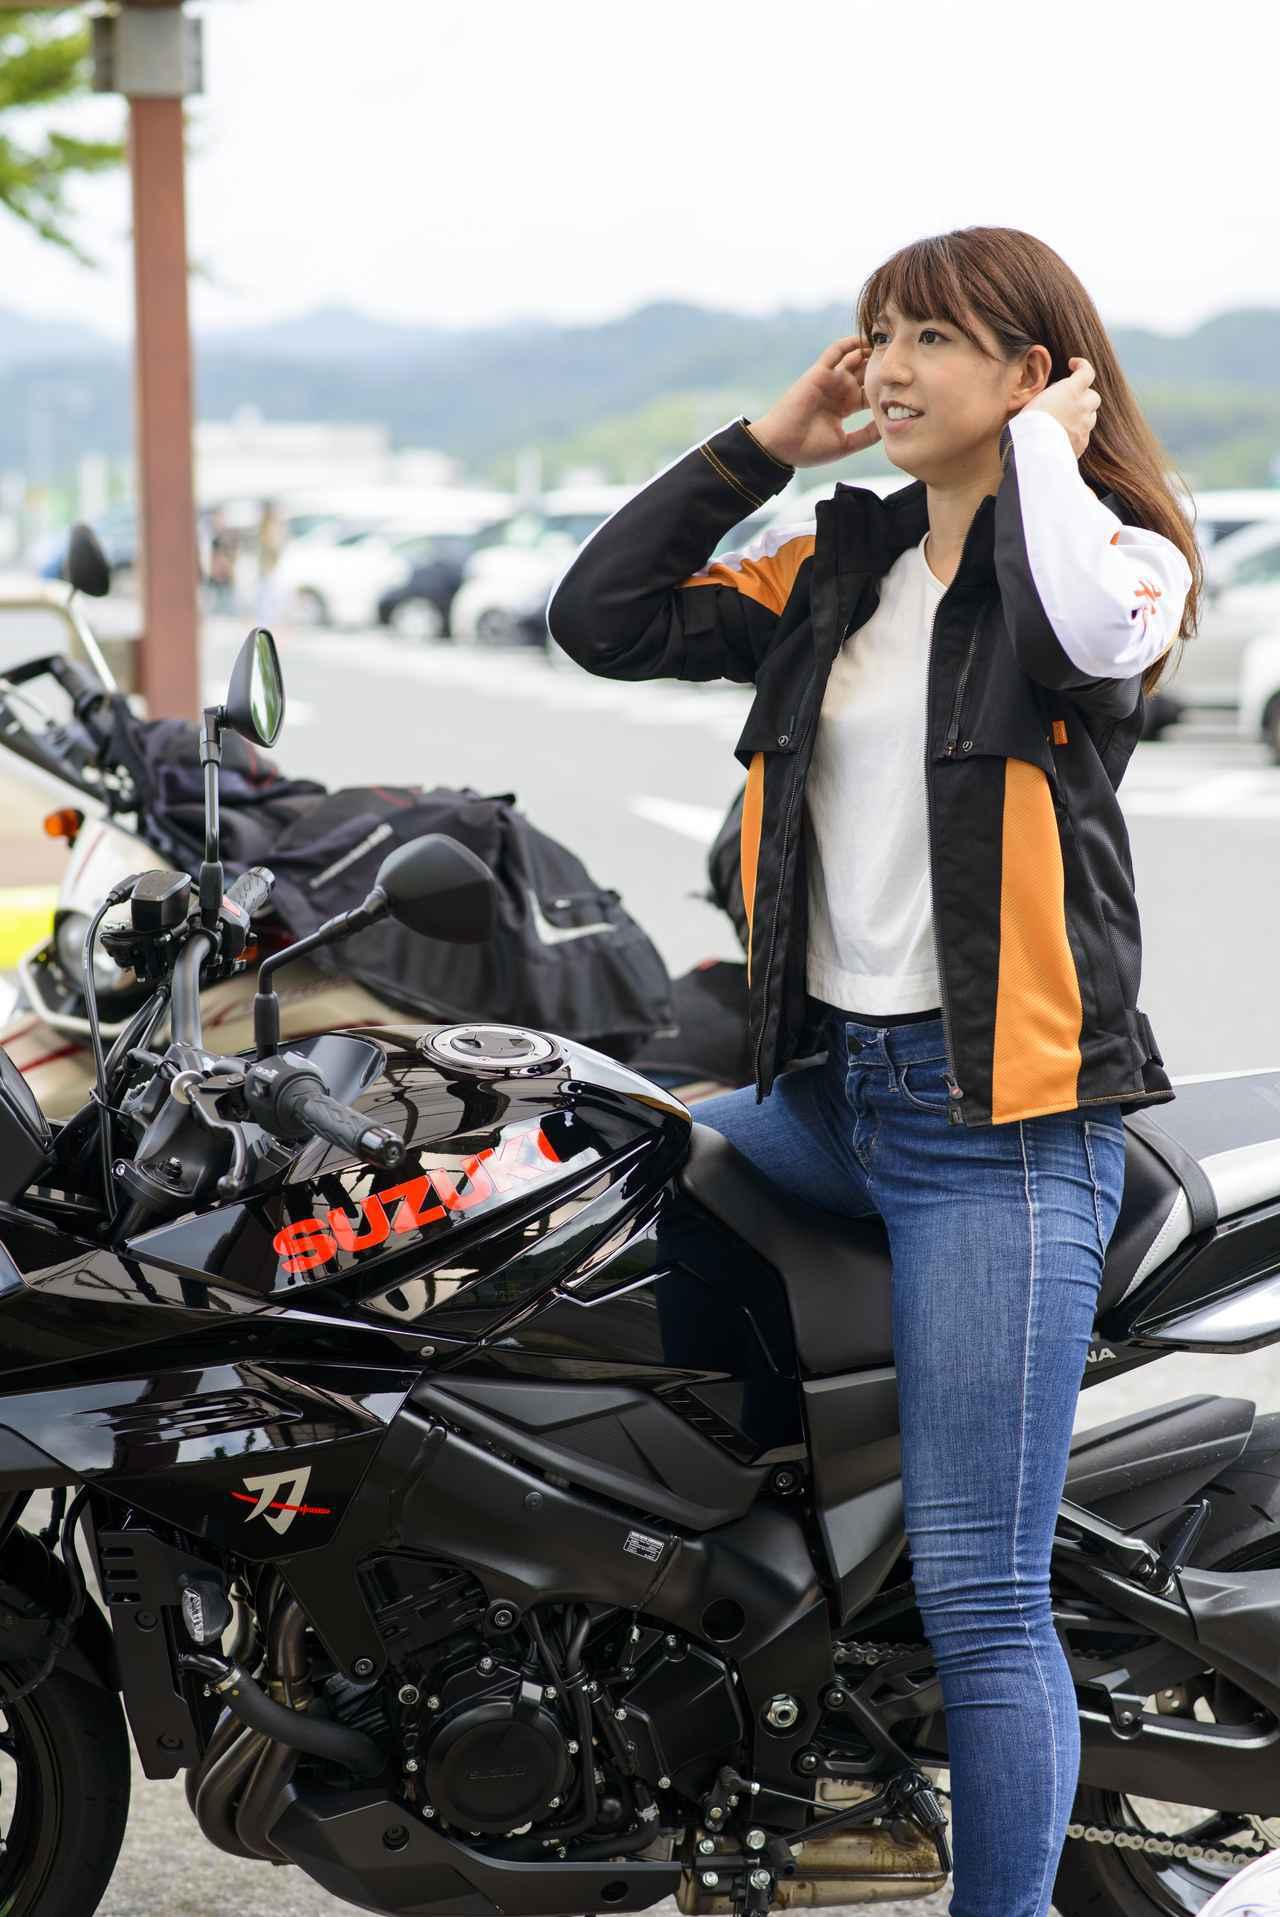 画像: 大関さおり × スズキ「KATANA」【オートバイ女子部のフォトアルバム】 - webオートバイ